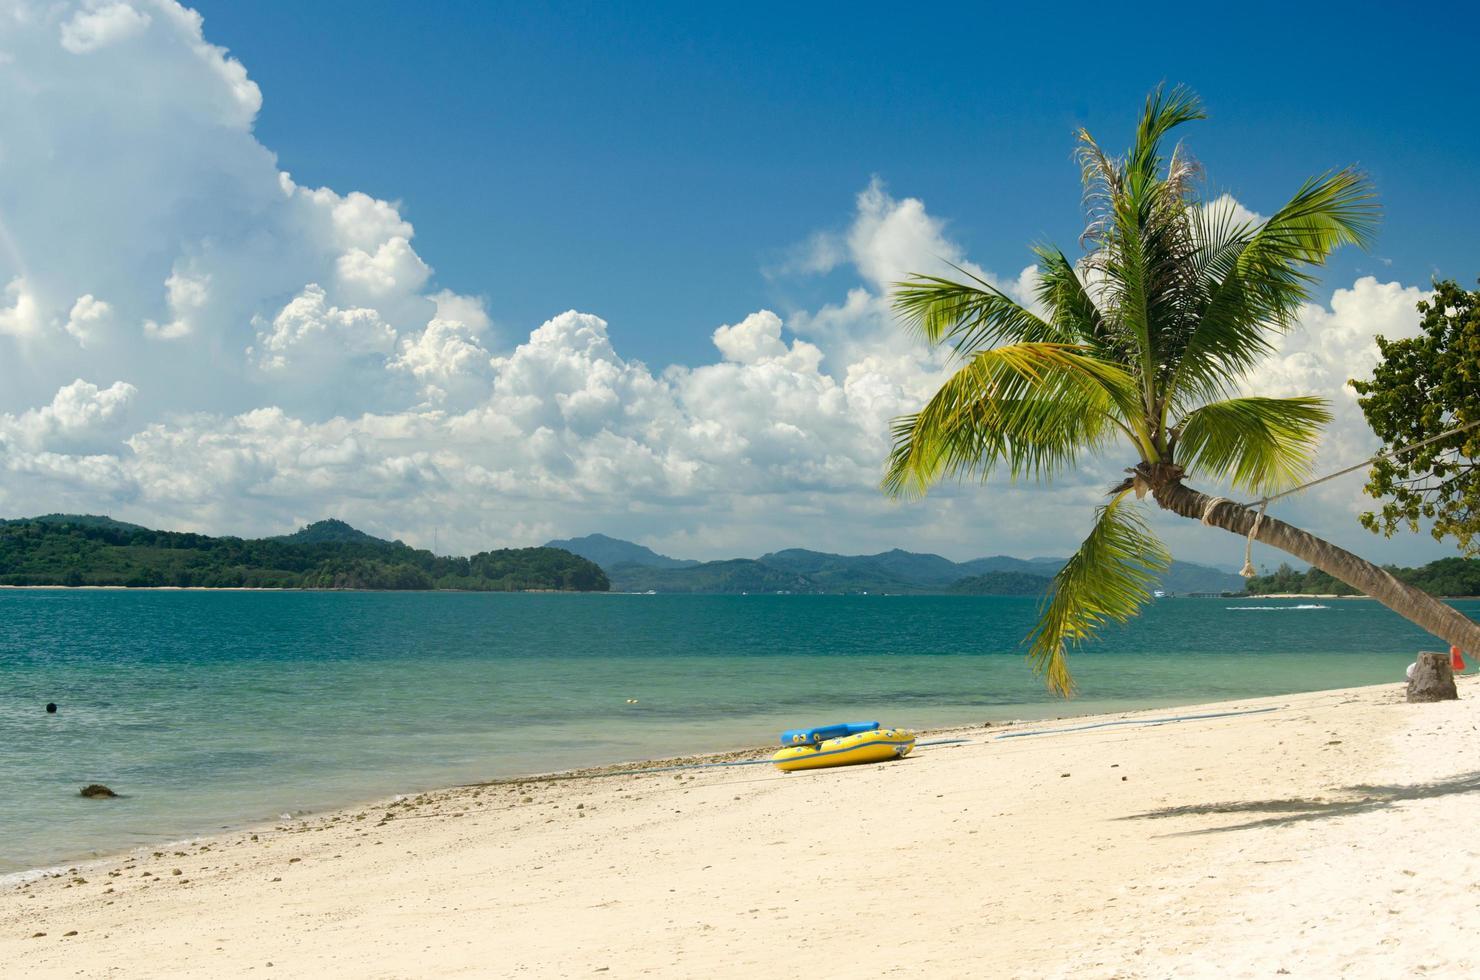 cocoteros y playa en tailandia foto